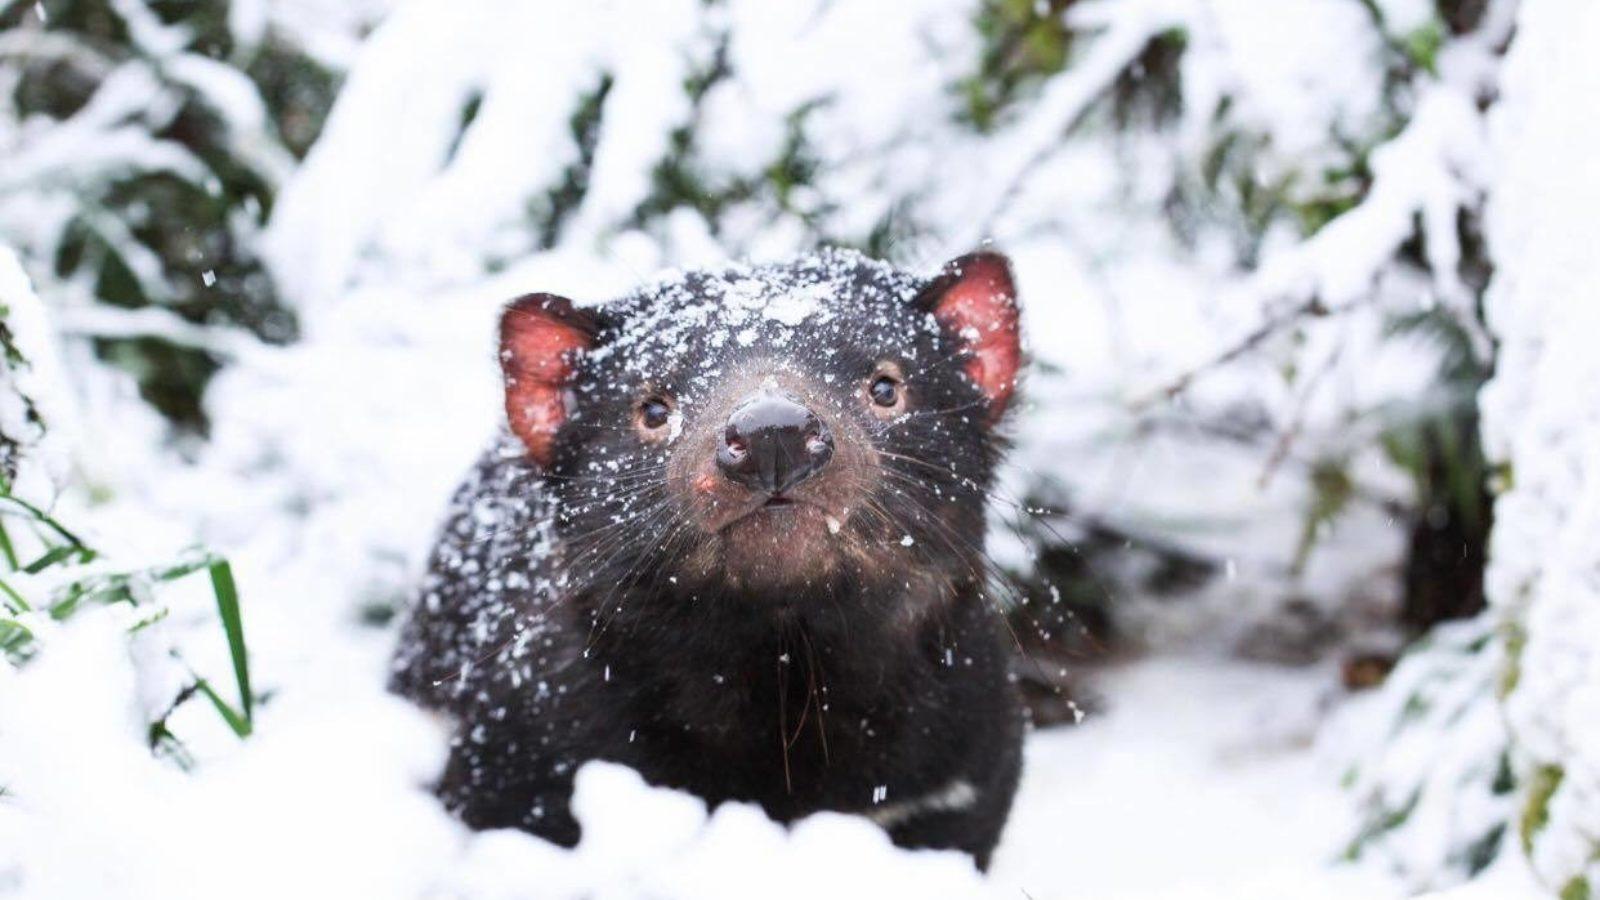 Tassie Devil in snow at Aussie Ark